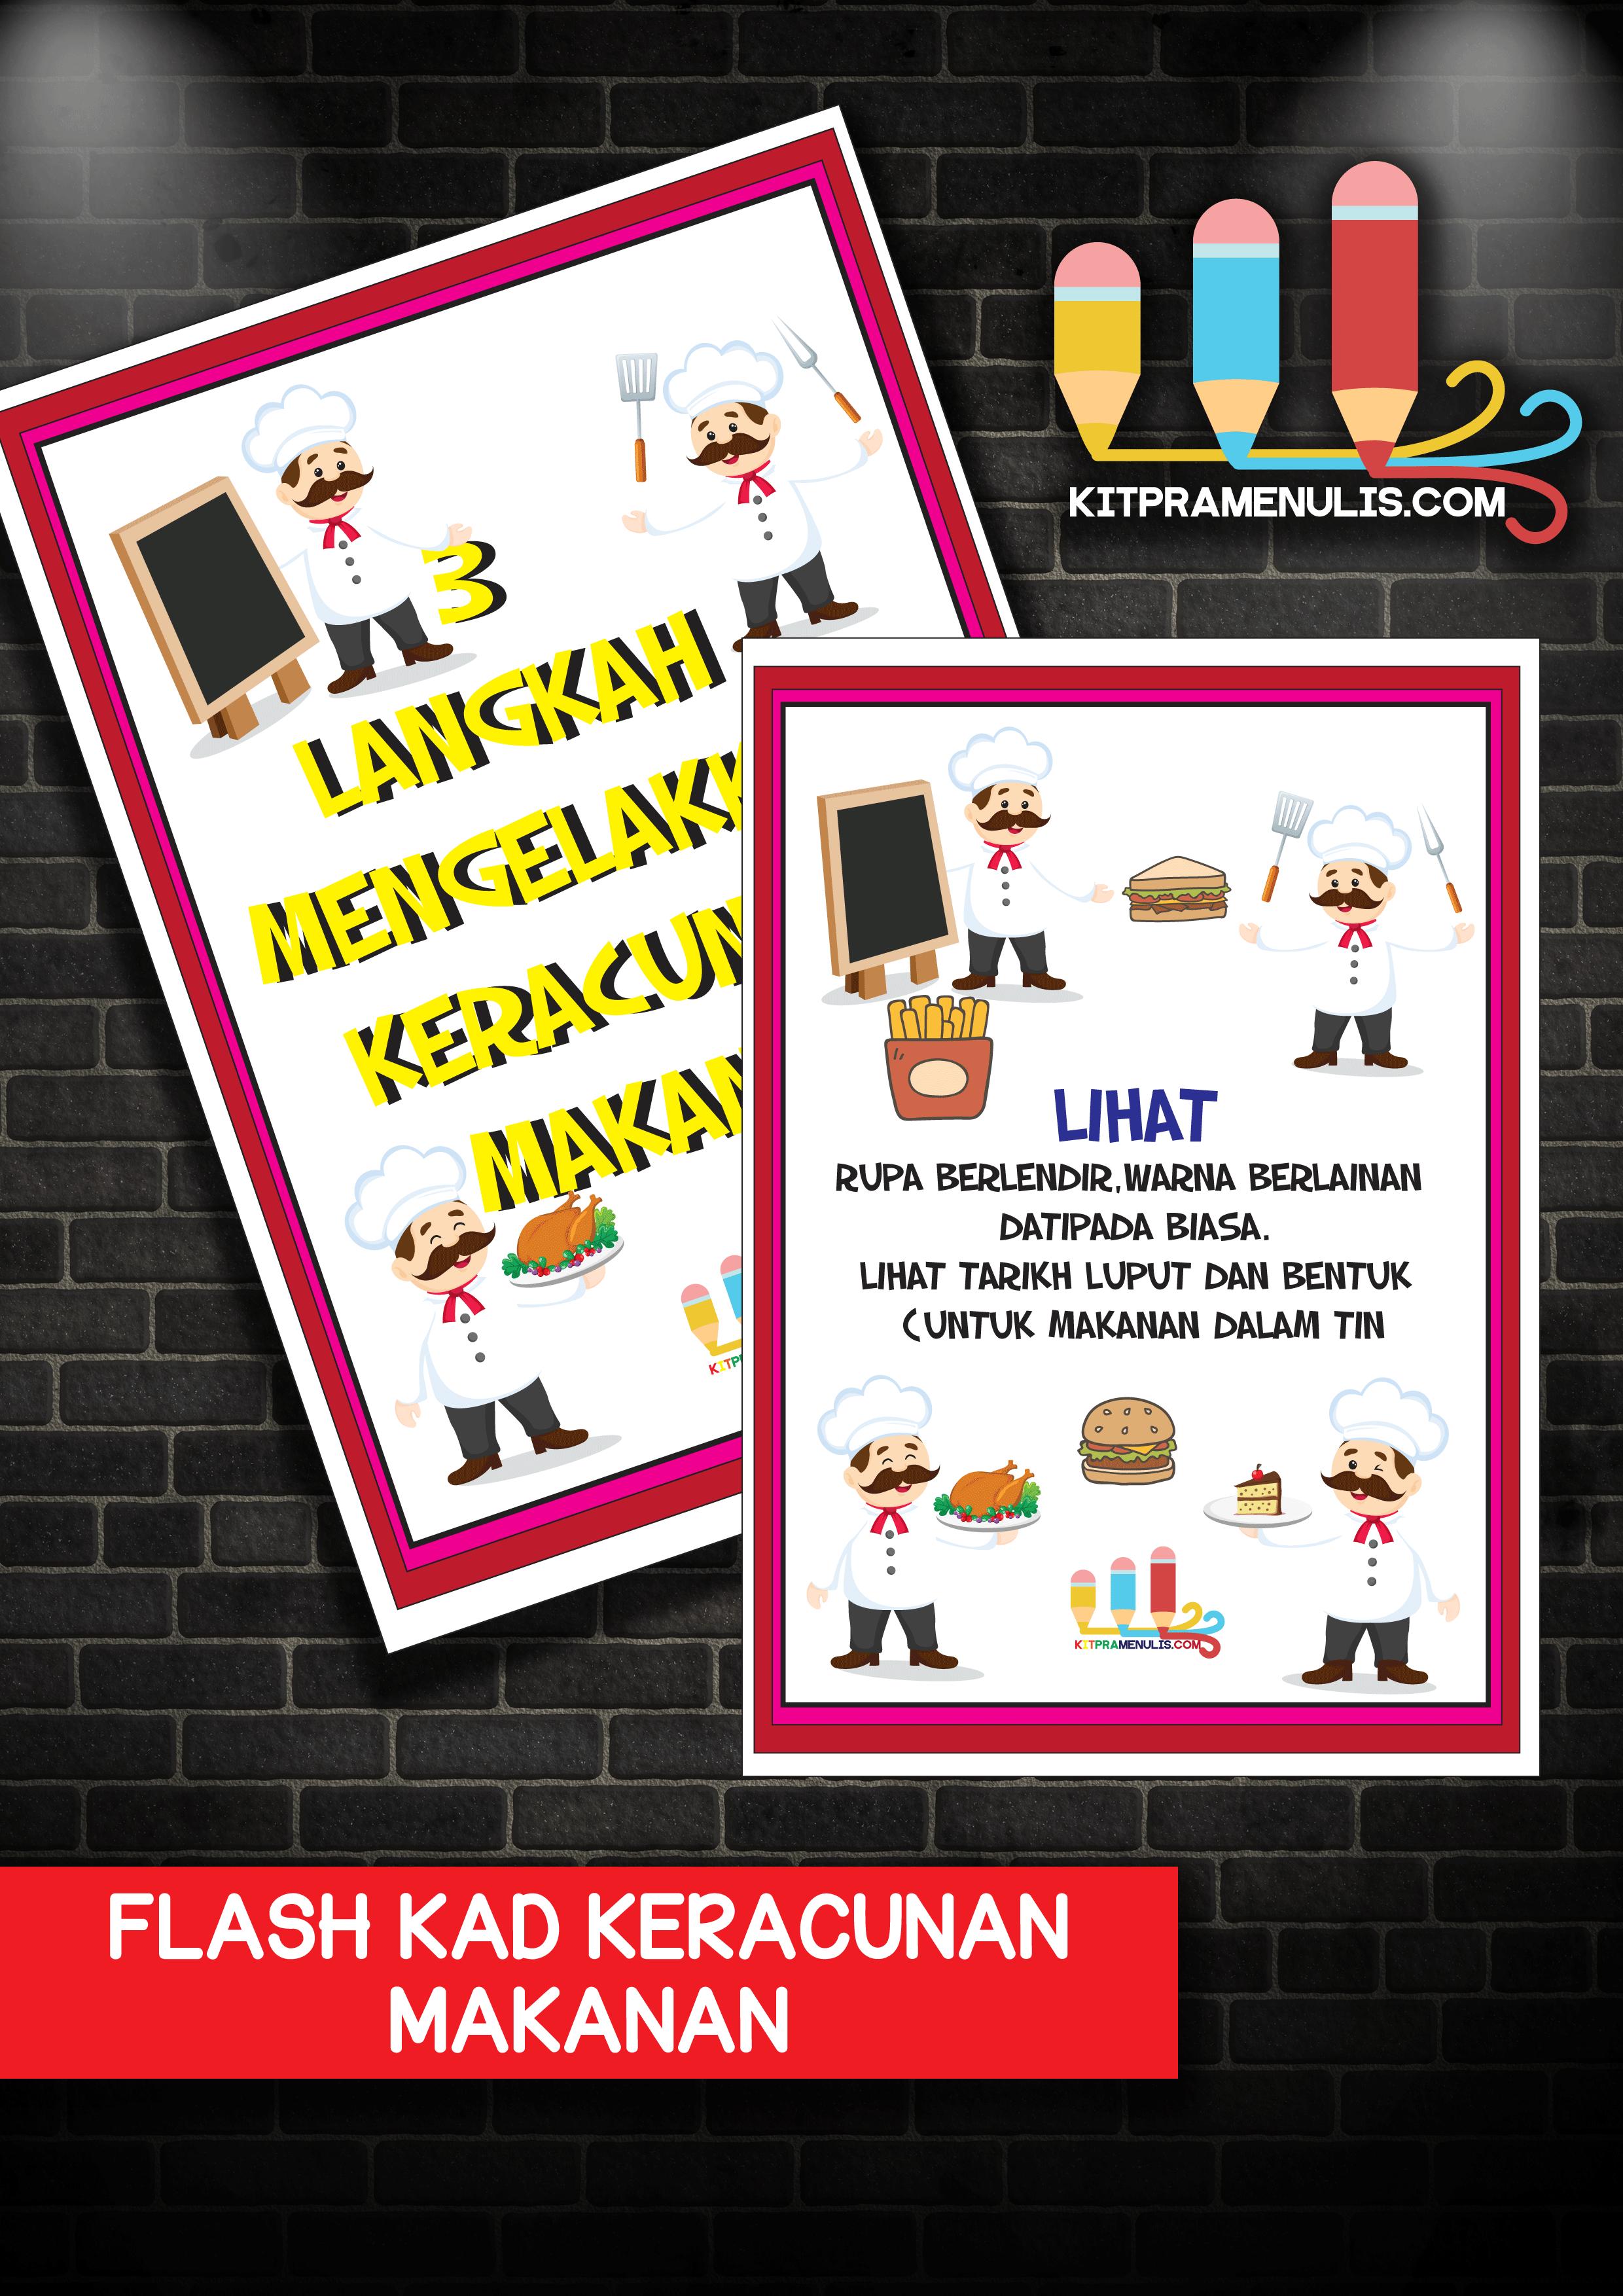 FLASH-KAD-KERACUNAN-MAKANAN Flash Kad A4 Keracunan Makanan Tema Chef Hiasan Kantin Sekolah